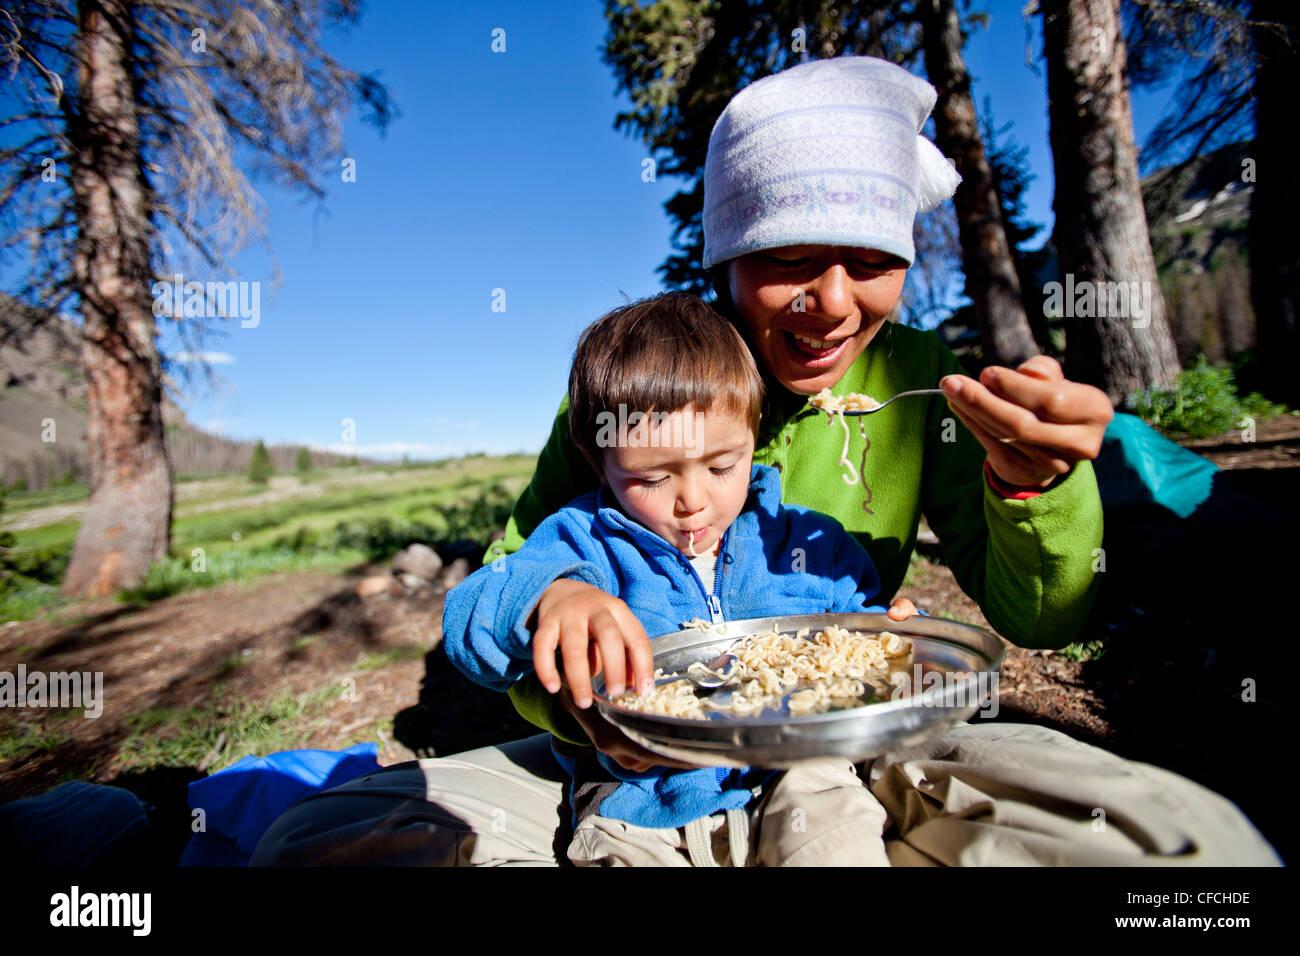 ein Junge sitzt auf seinem Schoß Mütter während sie Nudeln im Hinterland Essen. Sie sind am Squaw Stockbild